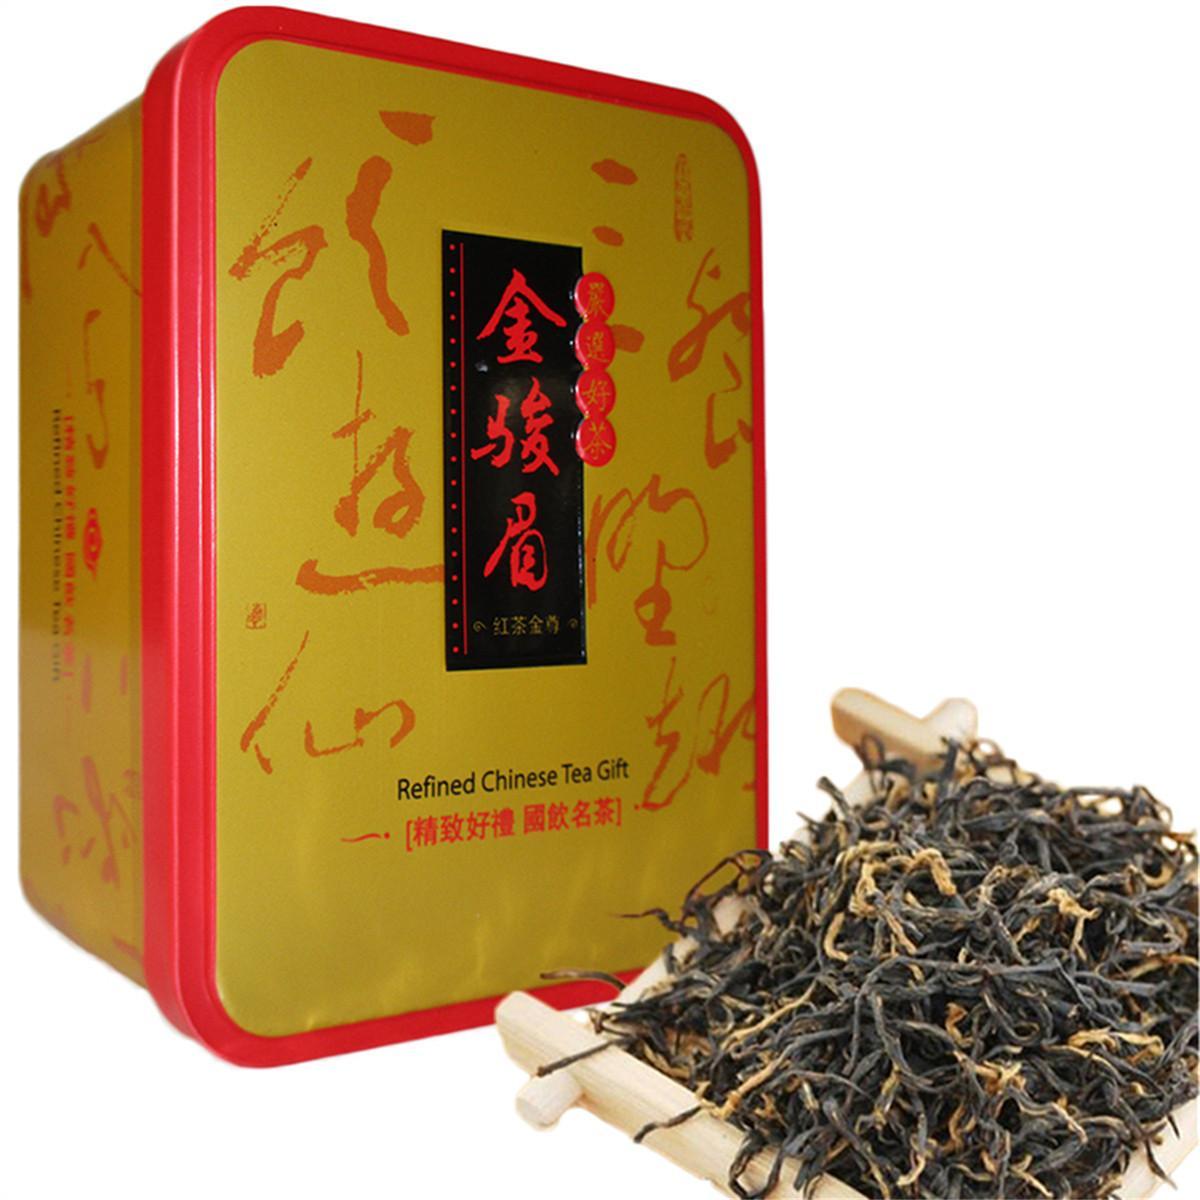 104g китайский органический черный чай Jinjunmei Kimchunmei красный чай здравоохранение новый приготовленный чай зеленая еда железная коробка подарочный пакет